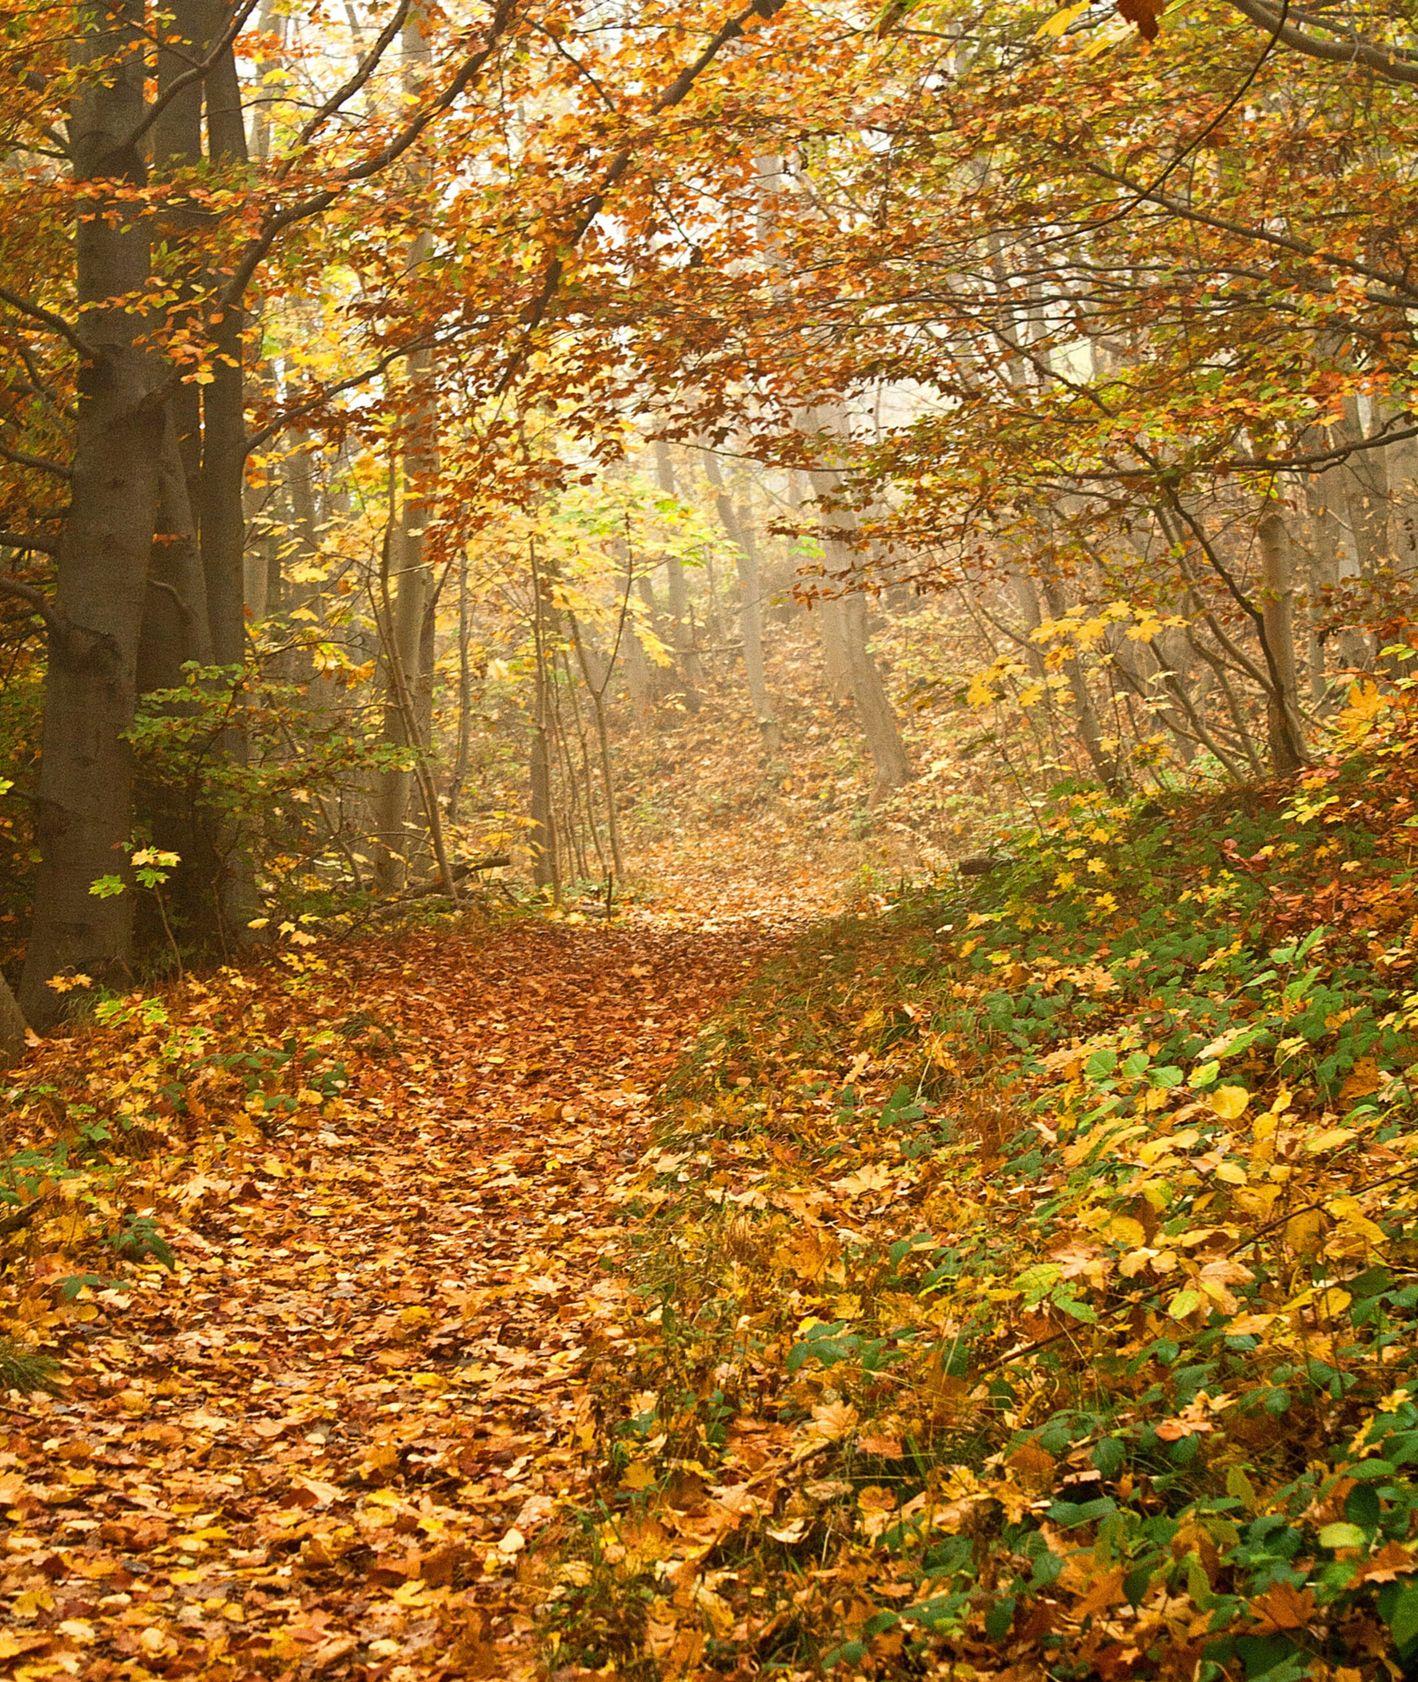 Las jesienią (fot. Vanessa von Wieding / unsplash.com)